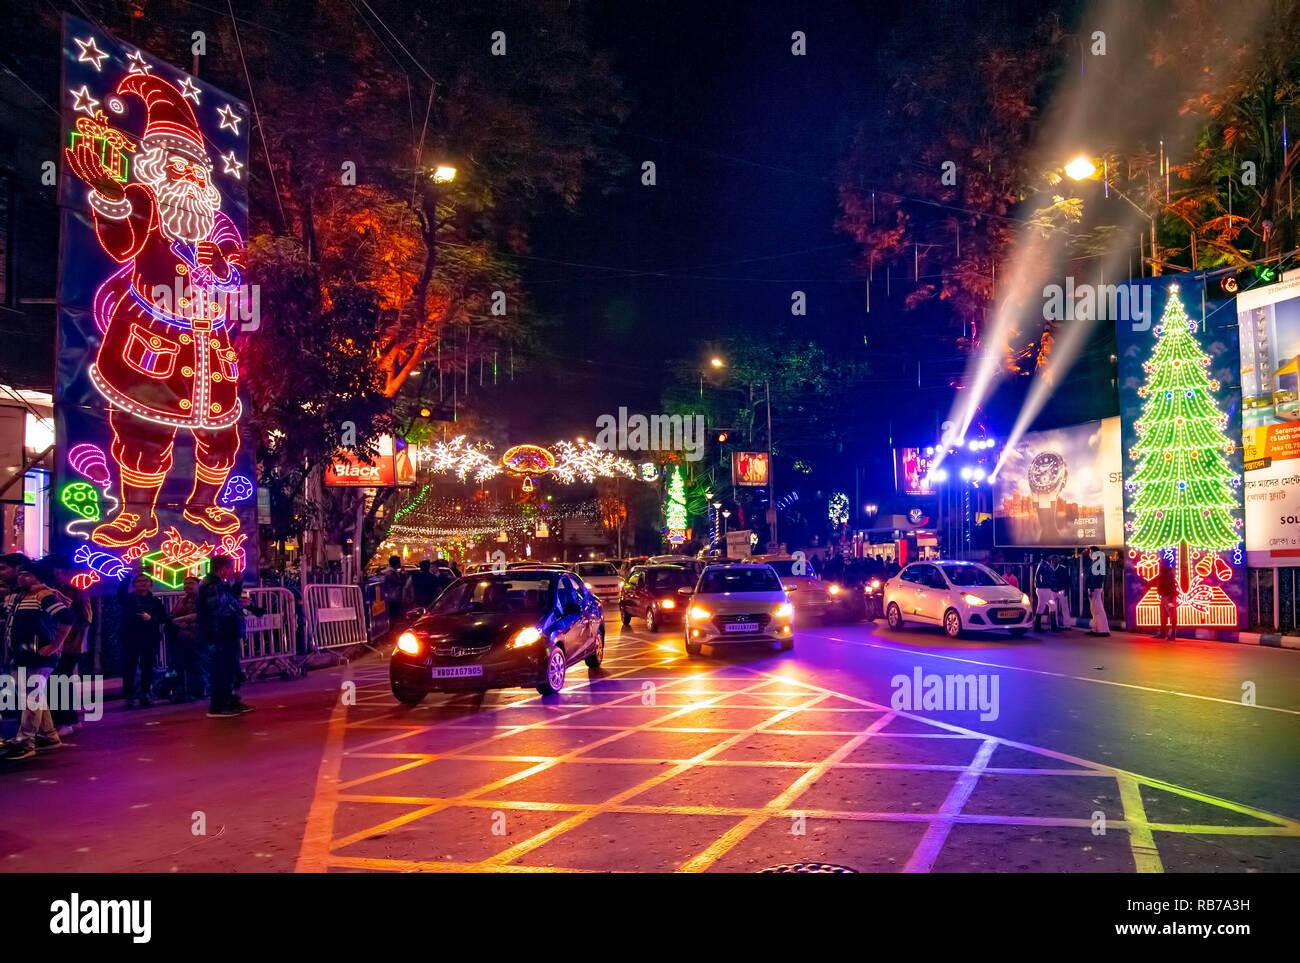 Park Street Kolkata During Christmas.Dusk Lighting Christmas Eve Park Street Cars People Festive